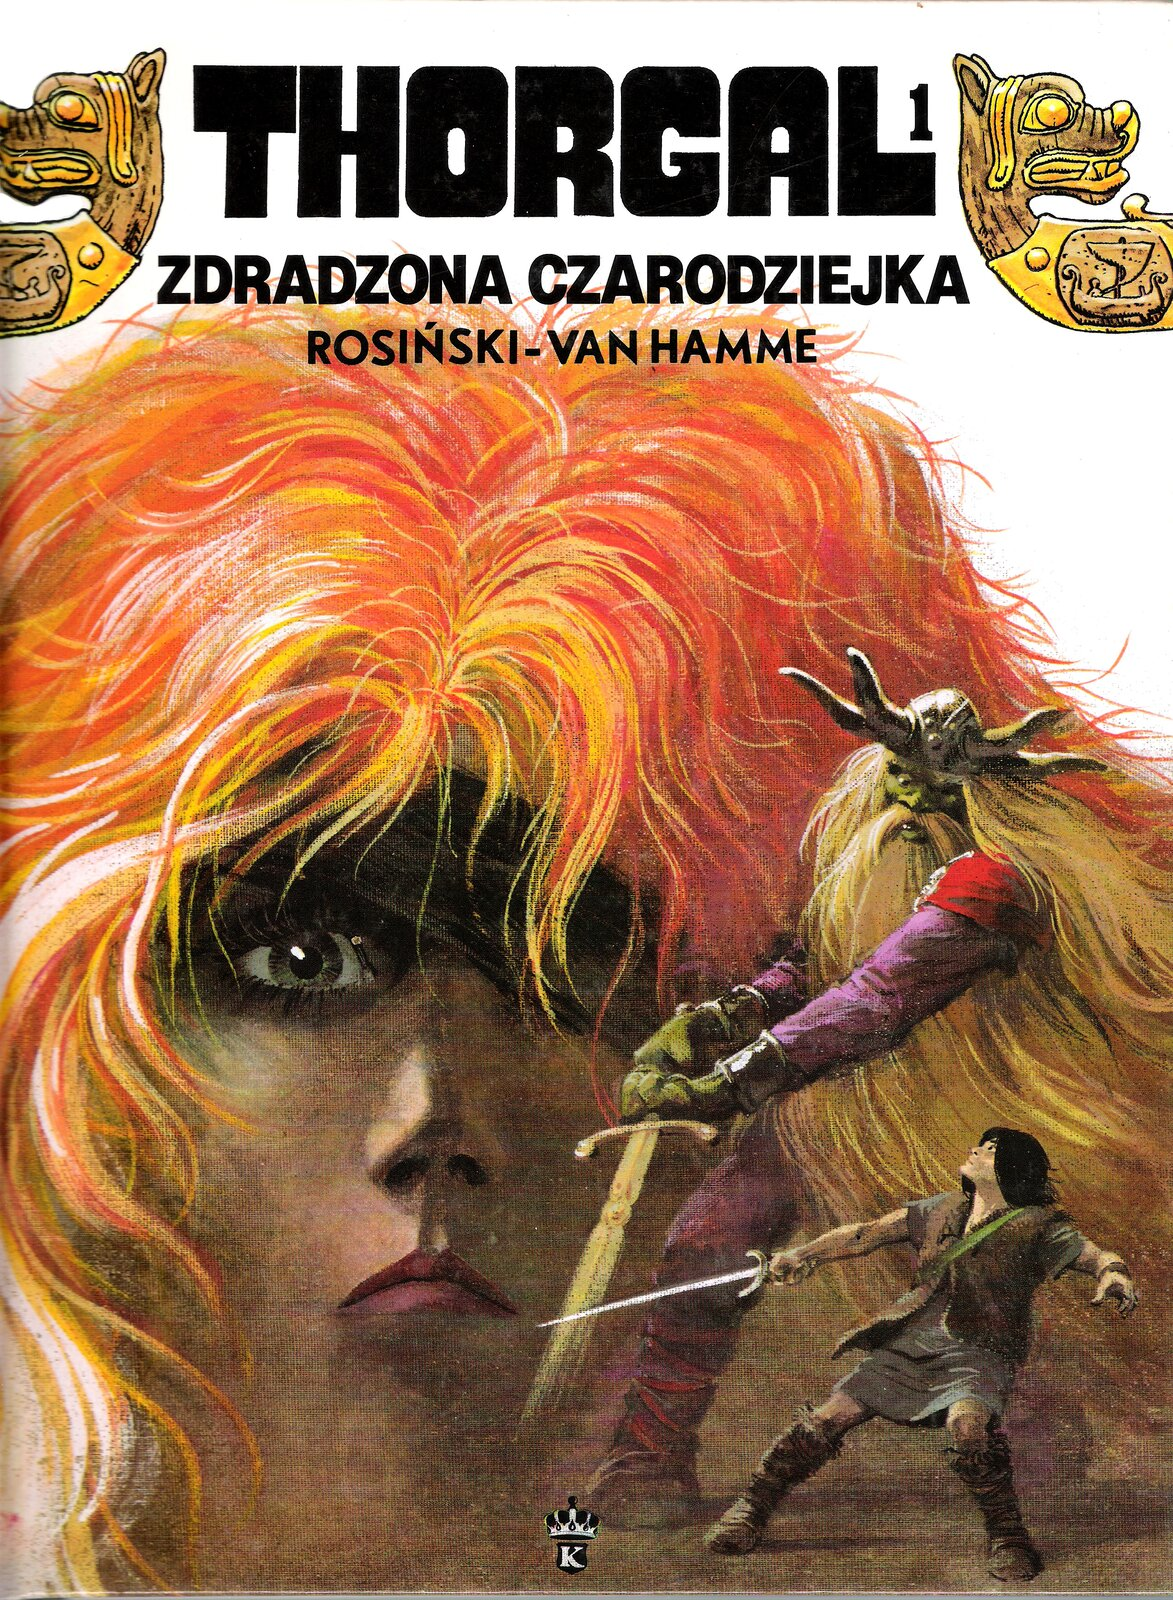 Ilustracja przedstawia okładkę komiksu, na której są: rudowłosa dziewczyna idwie mniejsze postacie, jadna znich to Wiking wdługich blond włosach, druga to wojownik zmieczem.